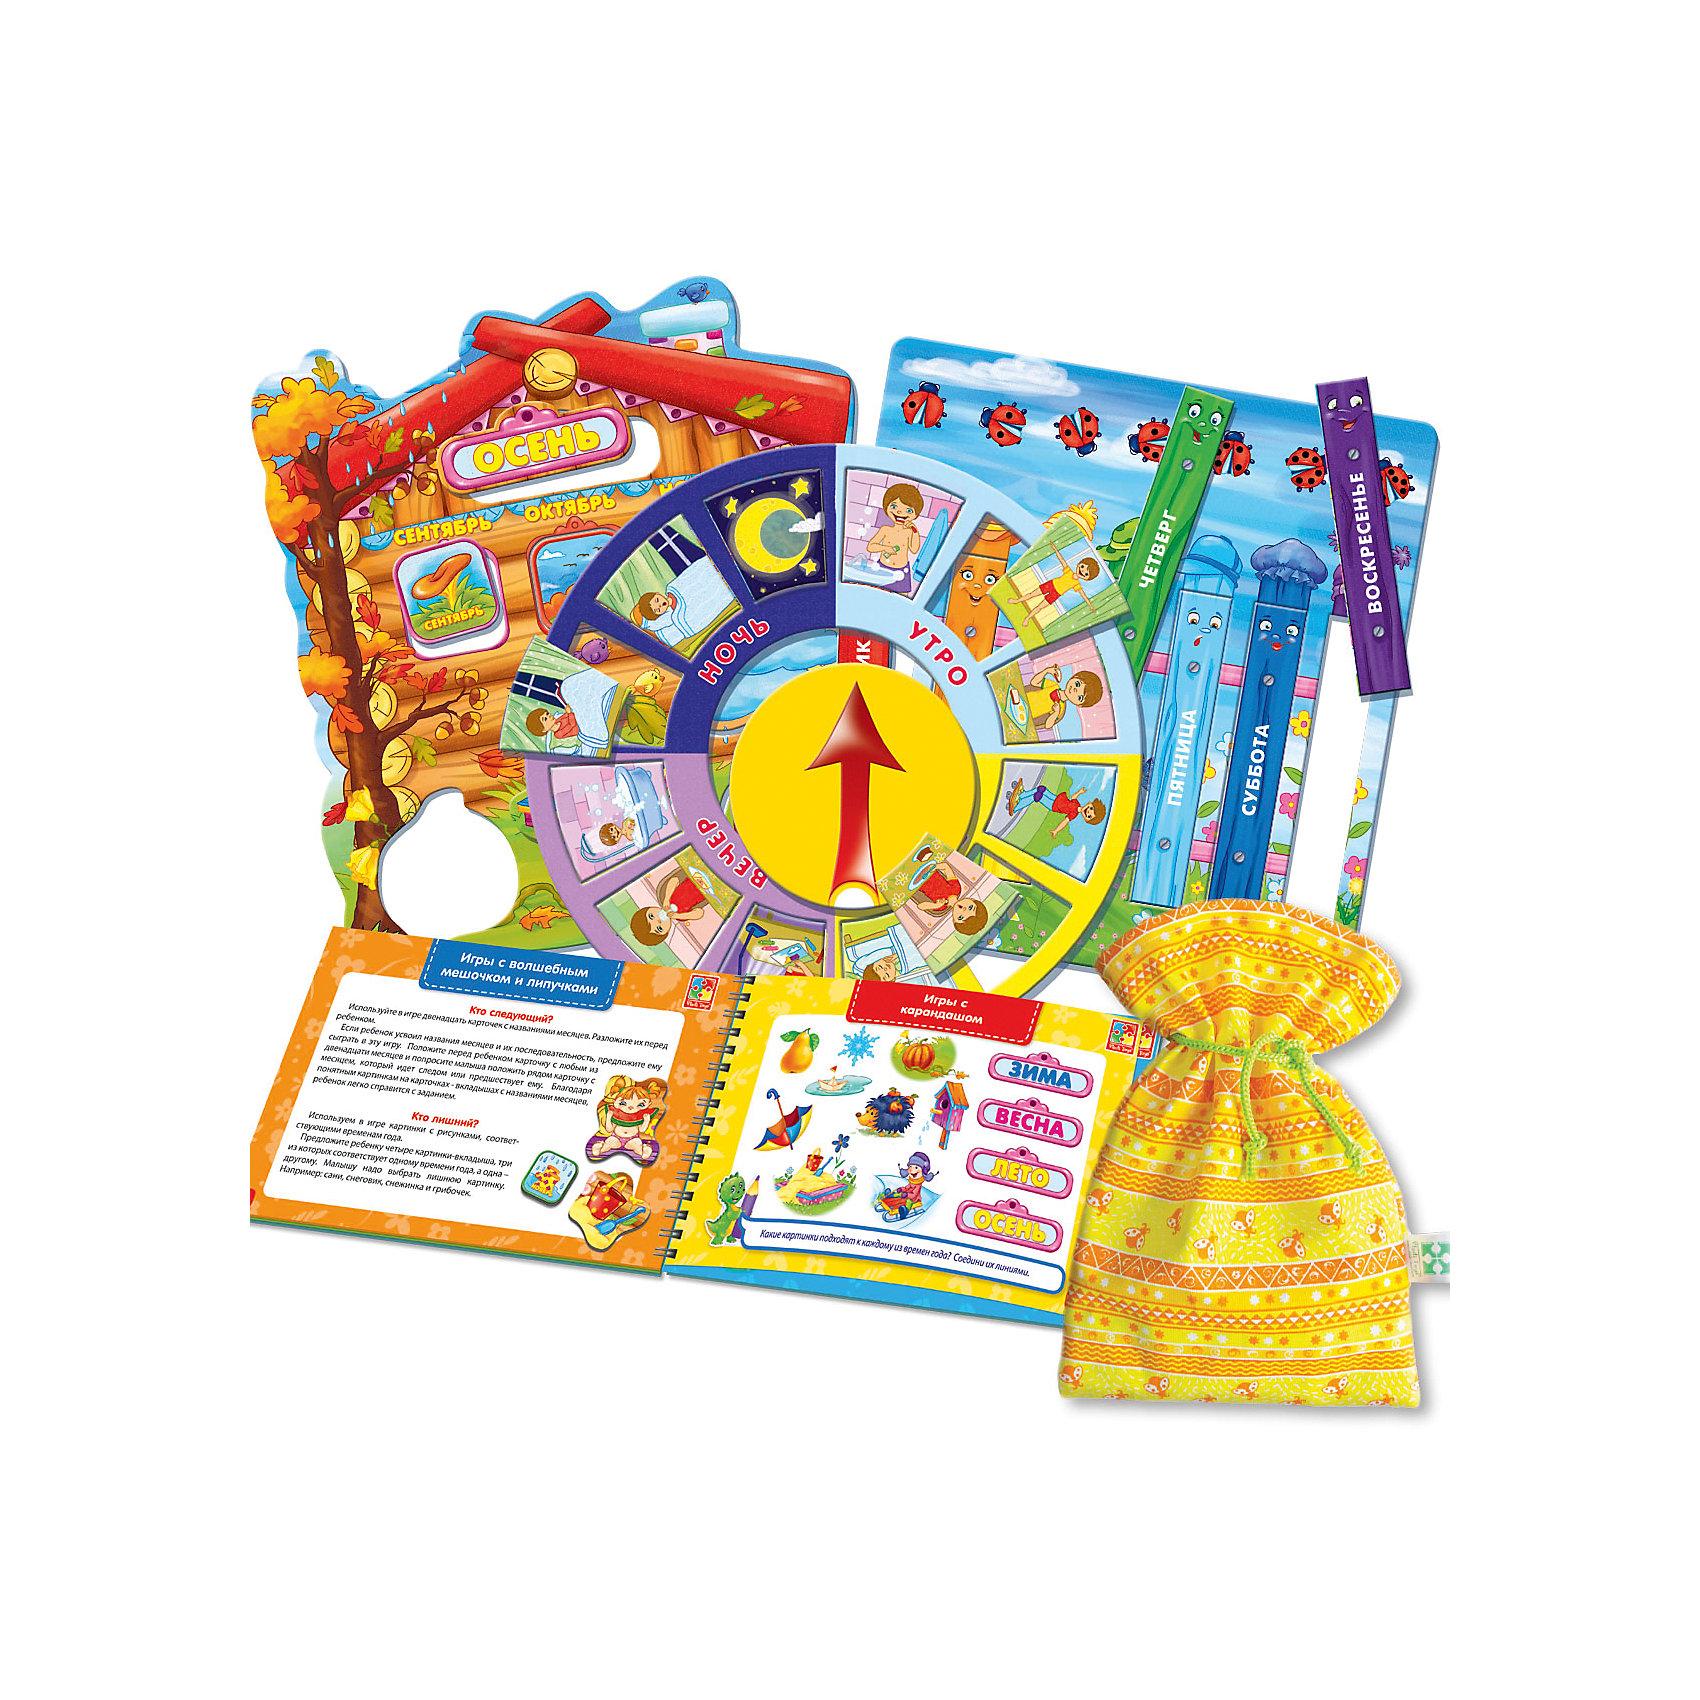 Настольная игра Больше чем Календарь для малыша, Vladi ToysРазвивающие игры<br>Характеристики:<br><br>• Вид игр: обучающие, развивающие<br>• Серия: Настольные игры<br>• Пол: универсальный<br>• Материал: картон, пластик, текстиль, магнит<br>• Цвет: голубой, красный, оранжевый, зеленый, желтый и др.<br>• Комплектация: 4 двусторонних игровых поля, 20 картинок, 48 липучек, игровой кубик, методическое пособие с заданиями, текстильный мешочек<br>• Размеры упаковки (Д*Ш*В): 39,5*7,3*30 см<br>• Тип упаковки: картонный чемоданчик<br>• Вес в упаковке: 870 г<br>• Предусмотрено несколько вариантов игр<br>• Возможность вариации заданий по сложности <br><br>Настольная игра Больше чем Календарь для малыша, Vladi Toys, производителем которых является компания, специализирующаяся на выпуске развивающих игр, давно уже стали популярными среди аналогичной продукции. Развивающие настольные игры являются эффективным способом развития и обучения ребенка. Игра Больше чем Календарь для малыша отличается комплексным подходом к подготовке ребенка к школе: в ней предусмотрены игры и задания разного уровня сложности. Все элементы отличаются яркостью красок и наглядностью. Все используемые в производстве материалы являются экологически безопасными, не вызывают аллергии, не имеют запаха. Набор состоит из 4 двухсторонних игровых поля, 20 деталей, 48 липучек с мешочком для их хранения и декоративных наклеек. В комплекте предусмотрено пособие с разноуровневыми заданиями с главным героем динозавриком Тимой.<br>Занятия с настольной игрой Больше чем Календарь для малыша, Vladi Toys позволят в легкой игровой форме познакомиться ребенку с окружающим миром и разнообразием природных явлений, расширив тем самым свой кругозор и словарных запас слов.<br><br>Настольную игру Больше чем Календарь для малыша, Vladi Toys можно купить в нашем интернет-магазине.<br><br>Ширина мм: 395<br>Глубина мм: 73<br>Высота мм: 300<br>Вес г: 870<br>Возраст от месяцев: 24<br>Возраст до месяцев: 84<br>Пол: Унисекс<br>Возраст: Детс